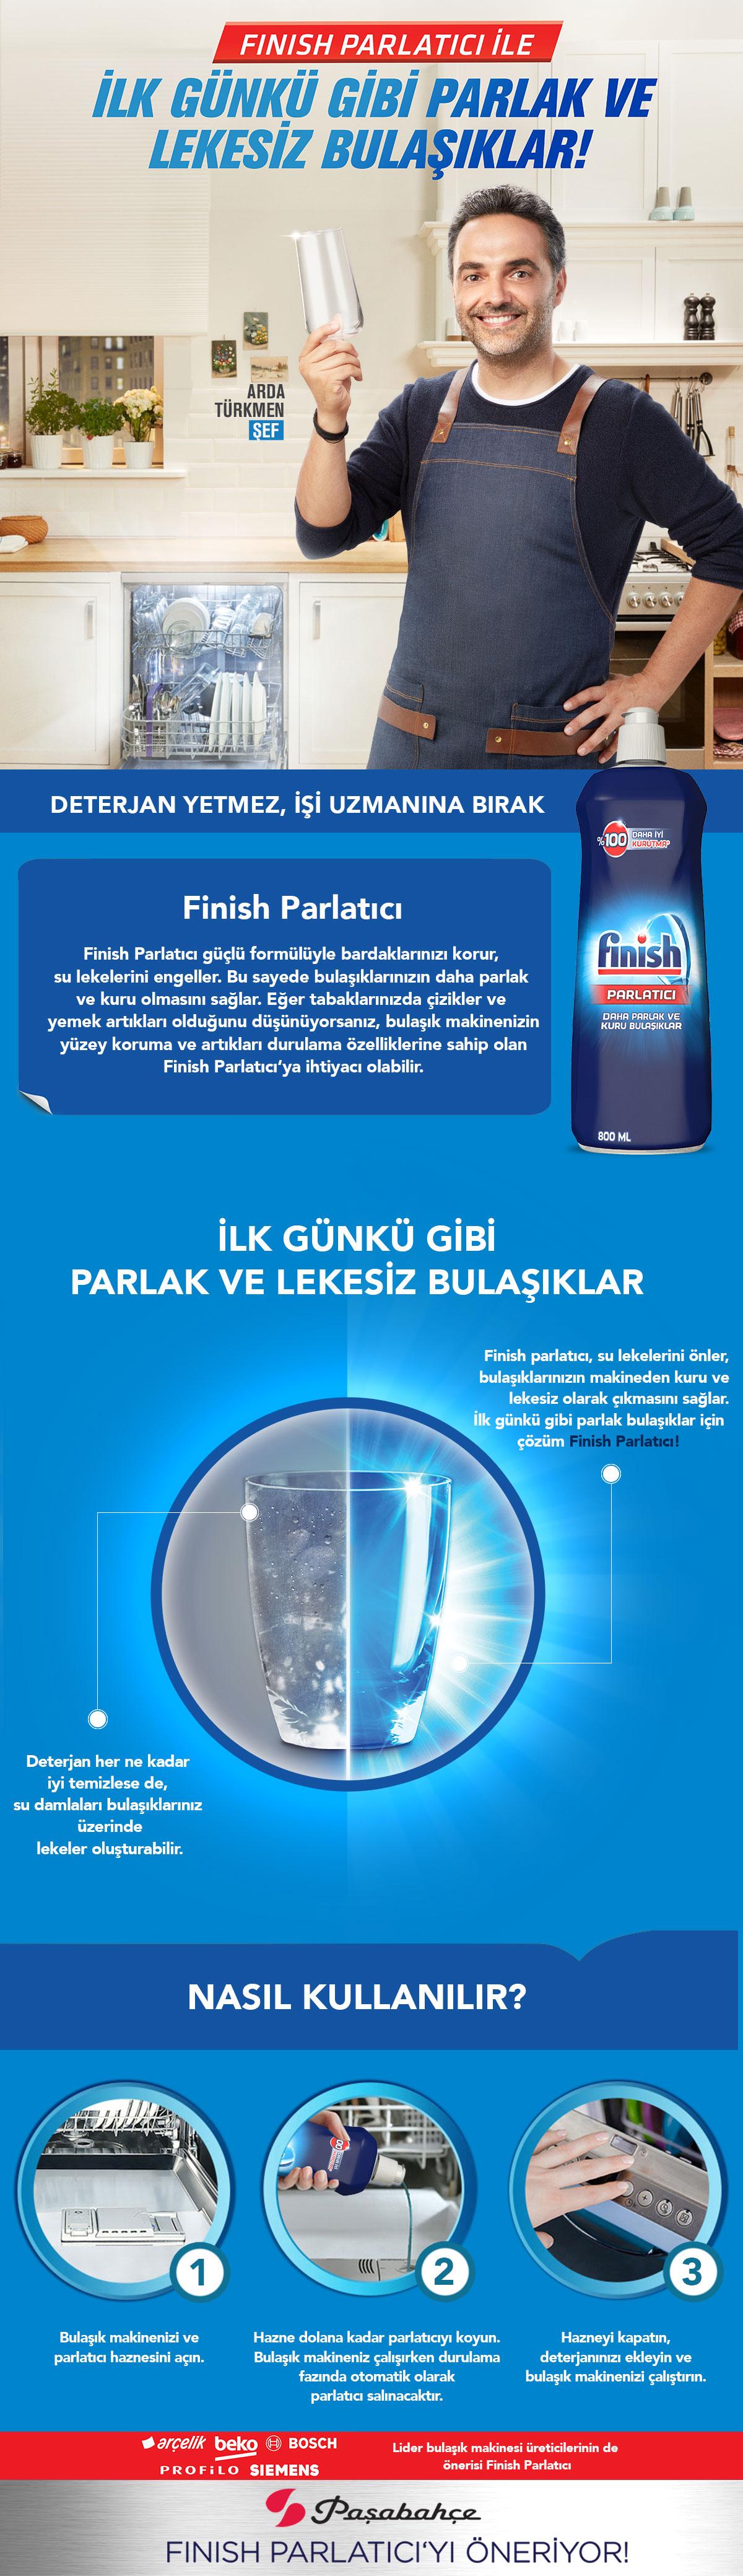 Finish Parlatıcı 800 ml.jpg (841 KB)